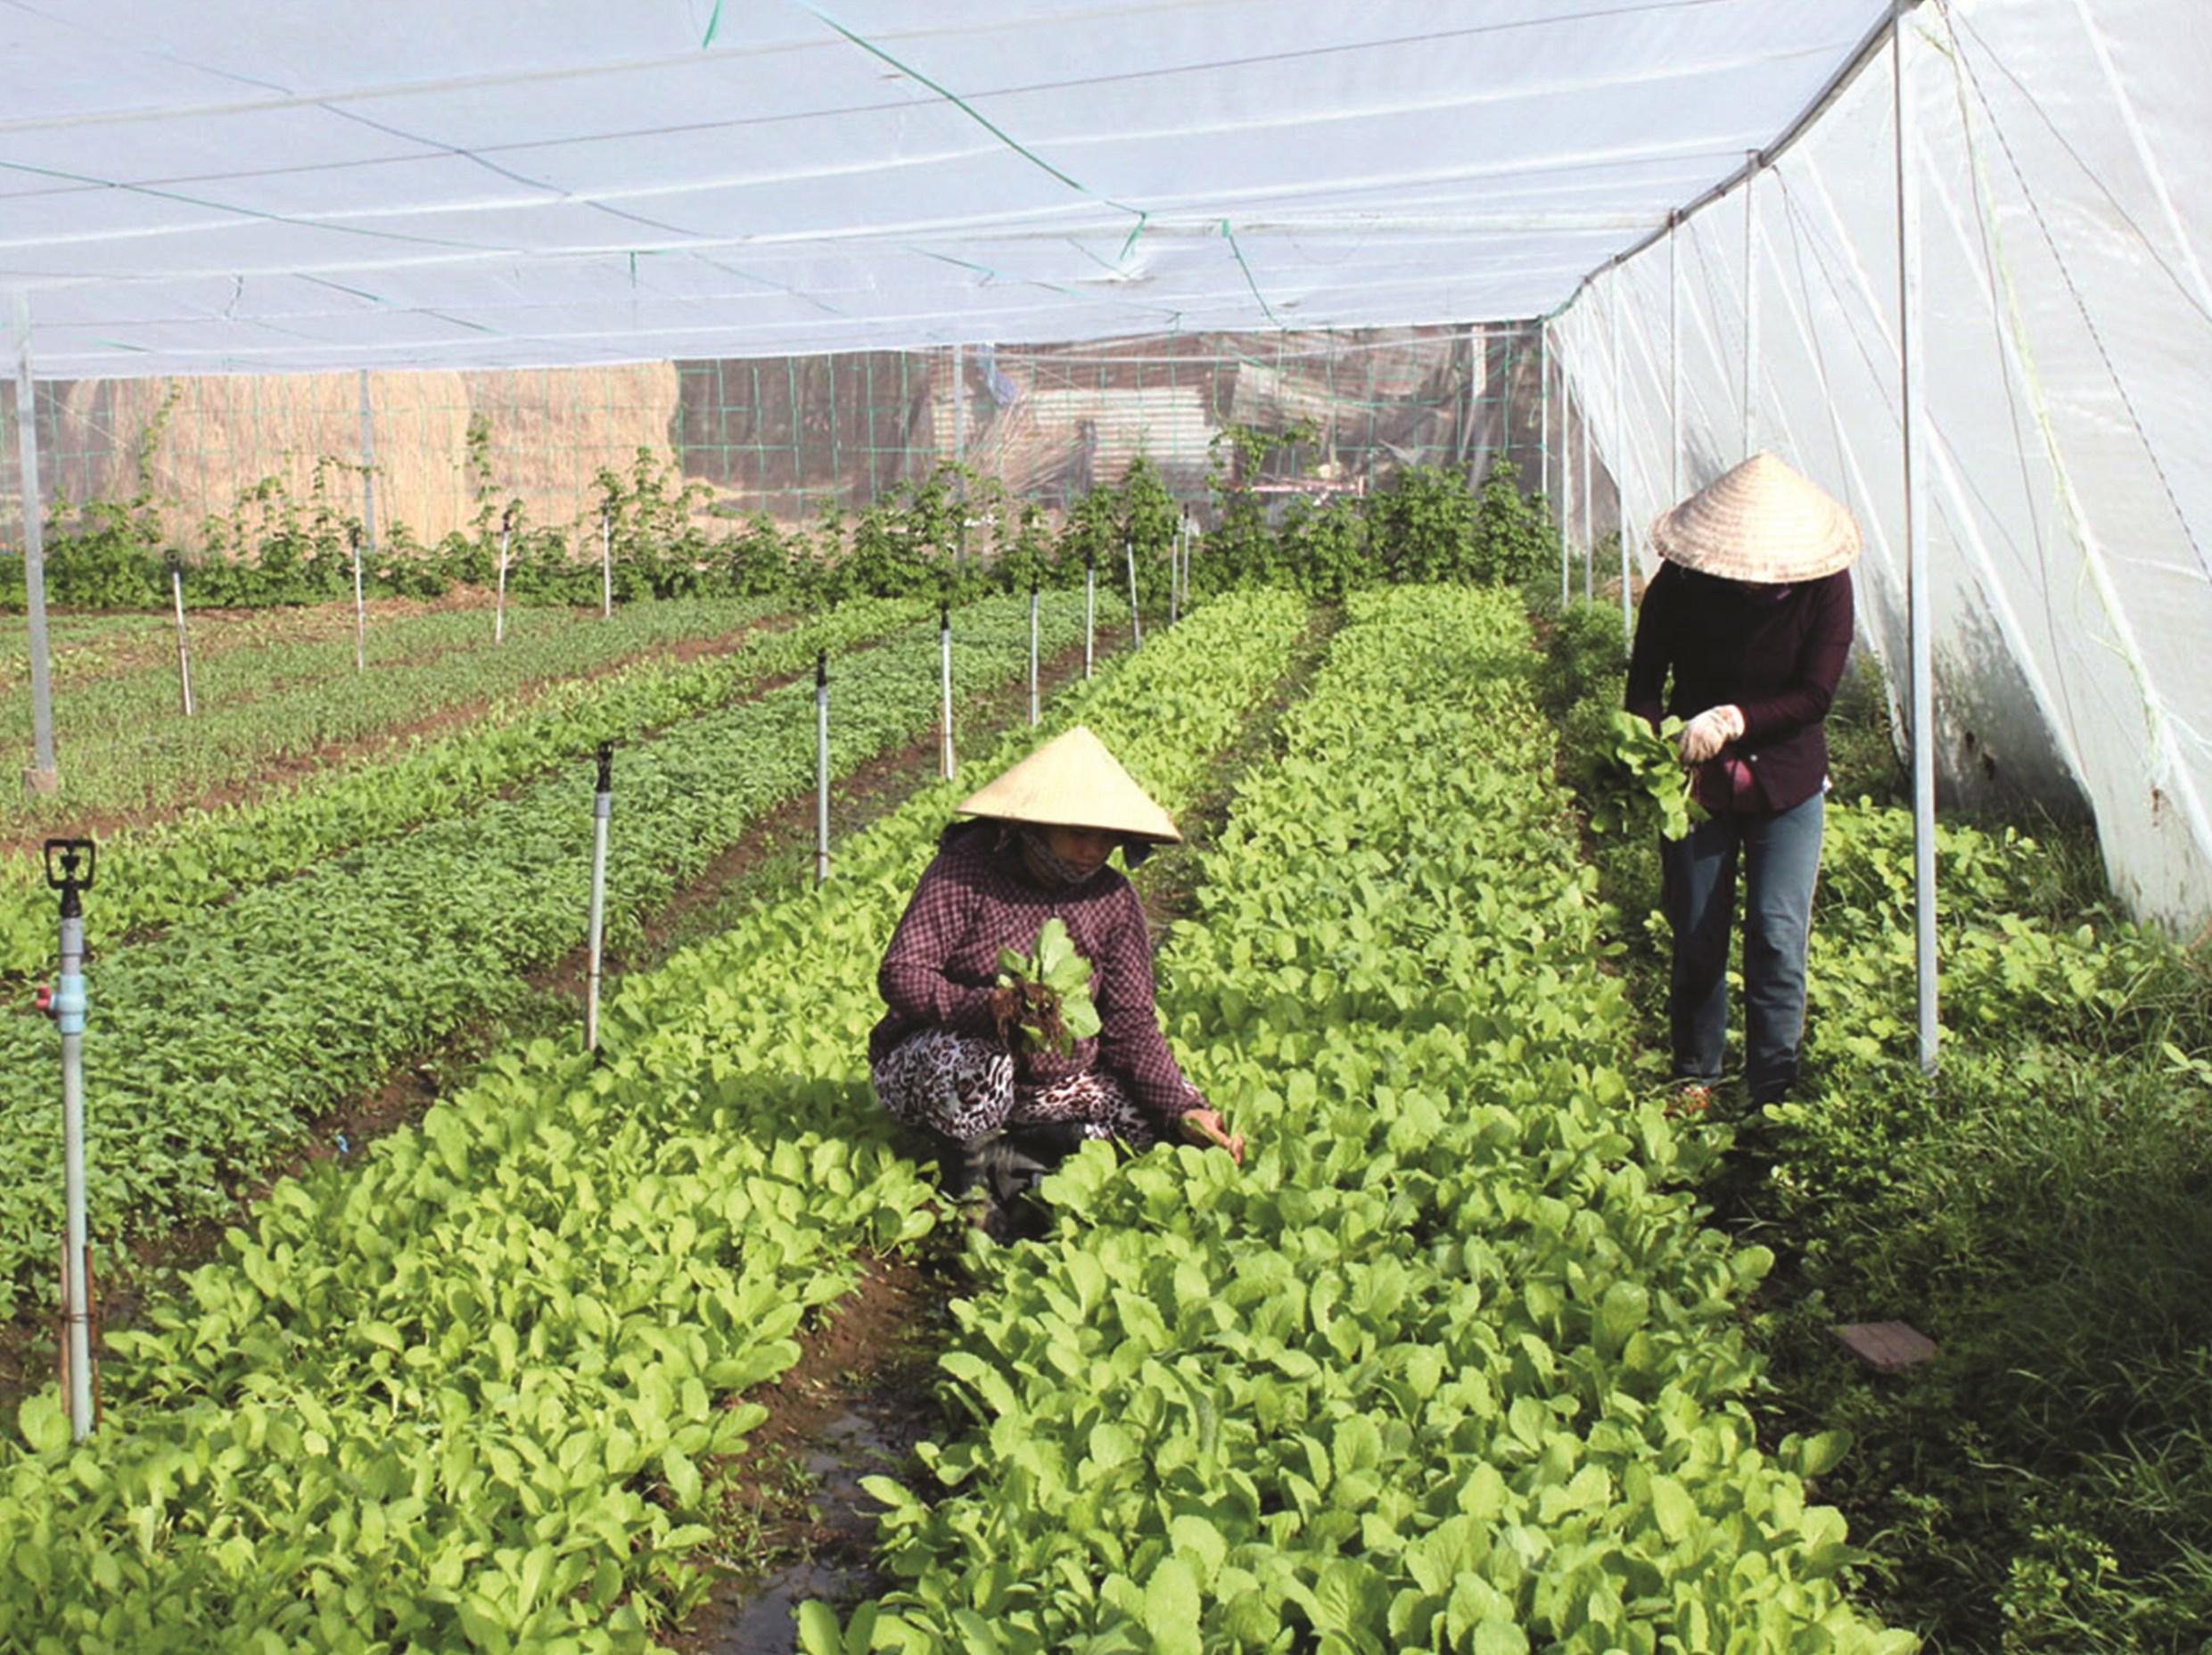 HTX BB Farm ứng dụng công nghệ cao trồng rau sạch đạt năng suất và hiệu quả cao.